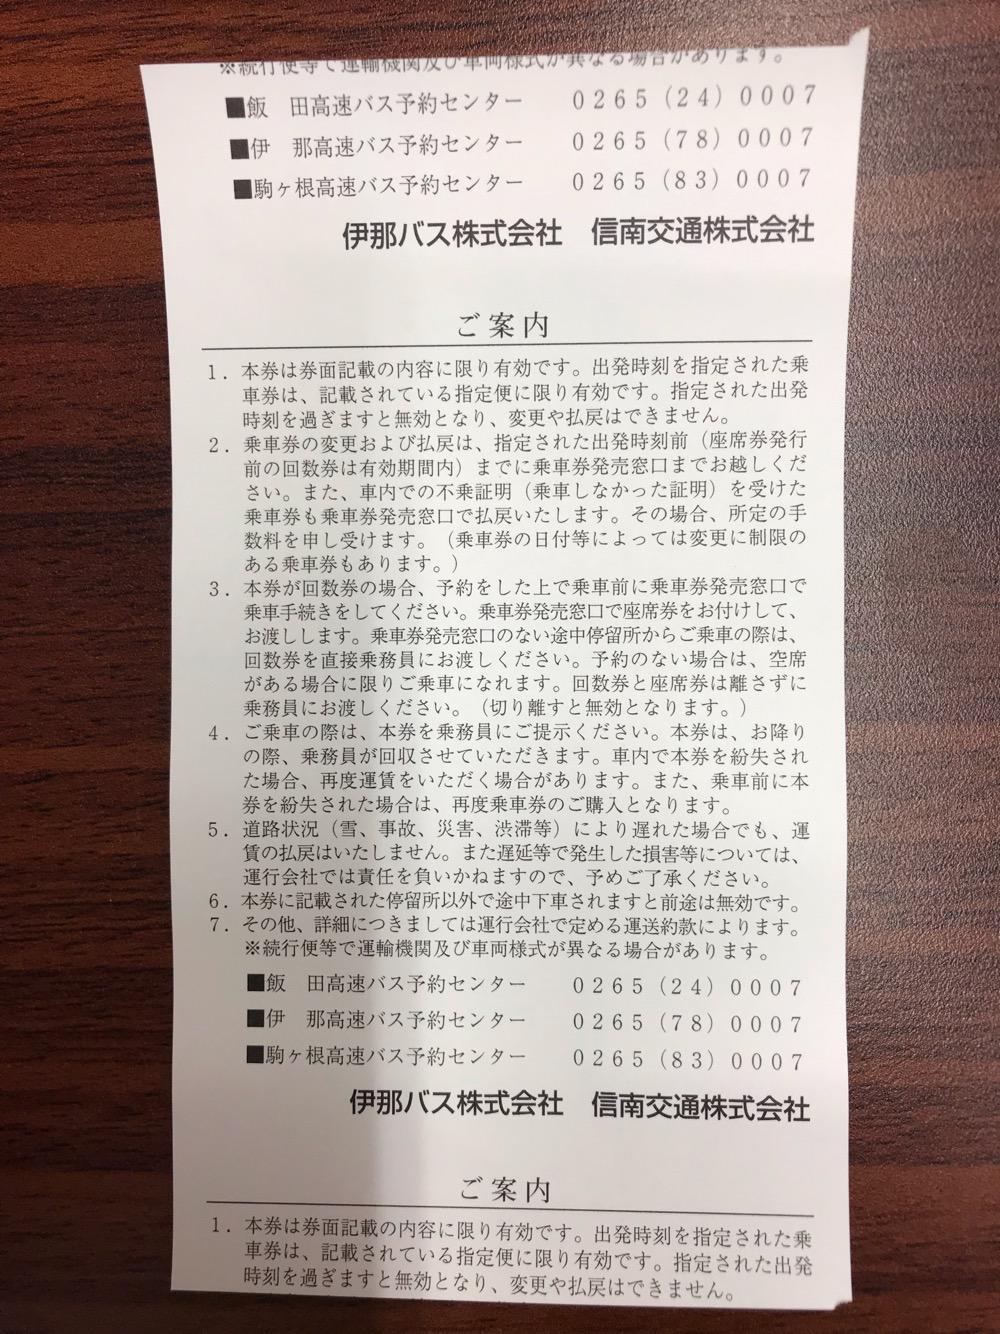 信南交通株式会社の領収書の裏面に記載されている「ご案内」